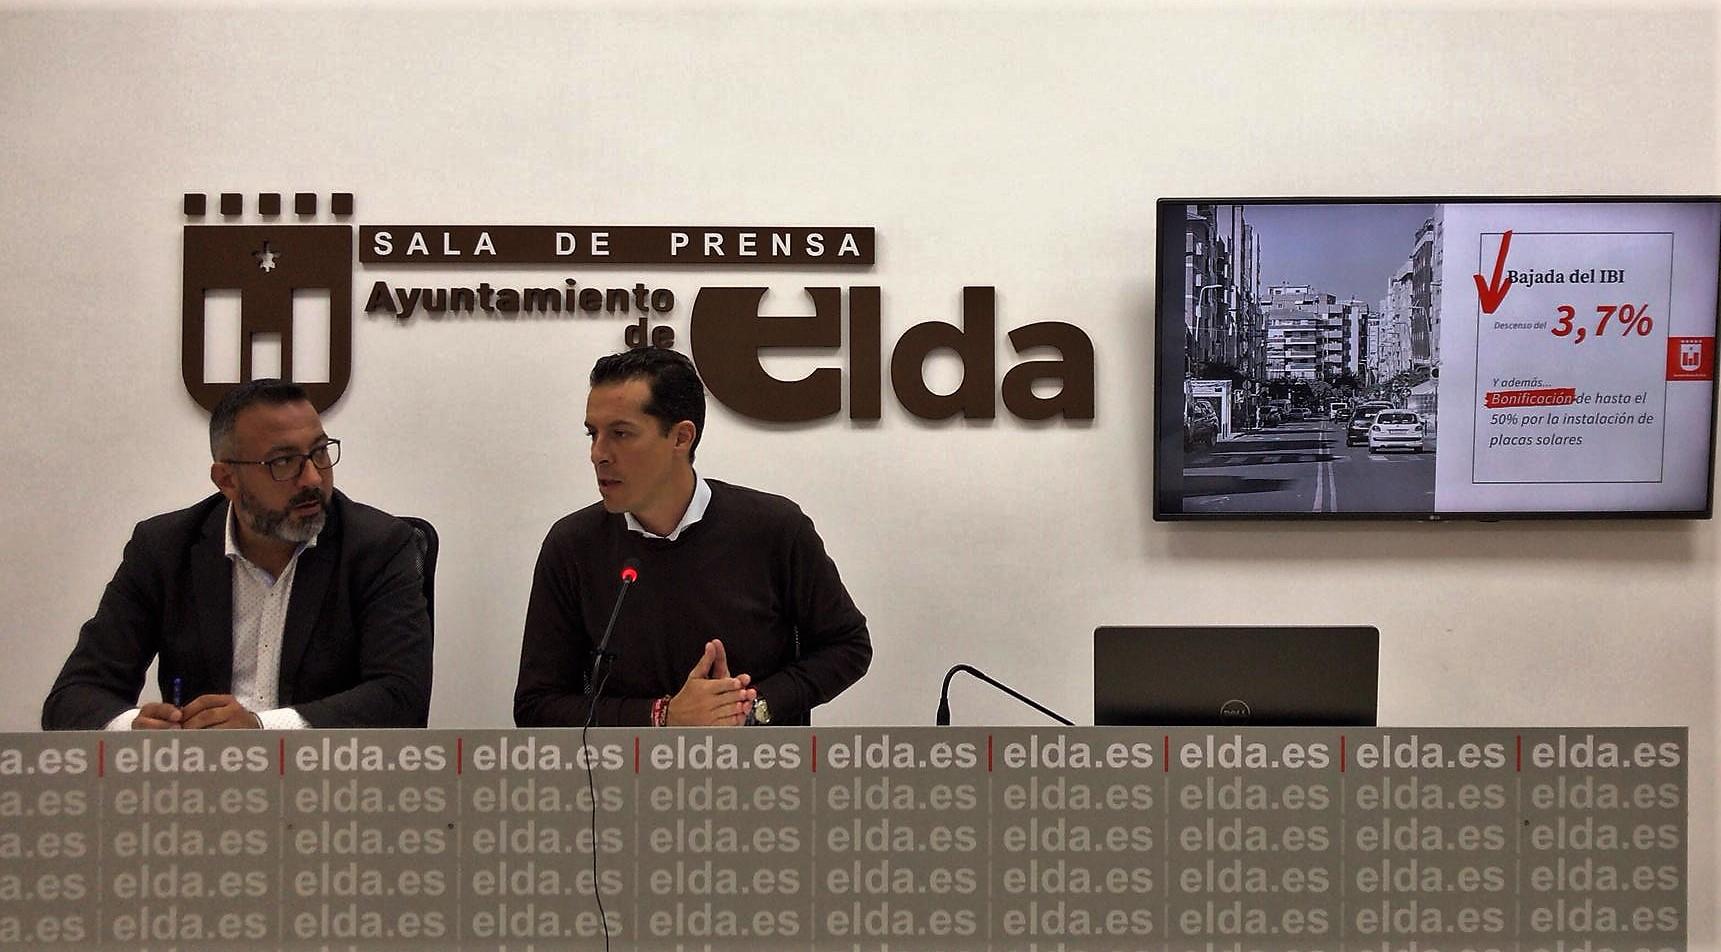 El Ayuntamiento de Elda rebaja un 3,7% el tipo impositivo del IBI y bonificará la instalación de placas solares